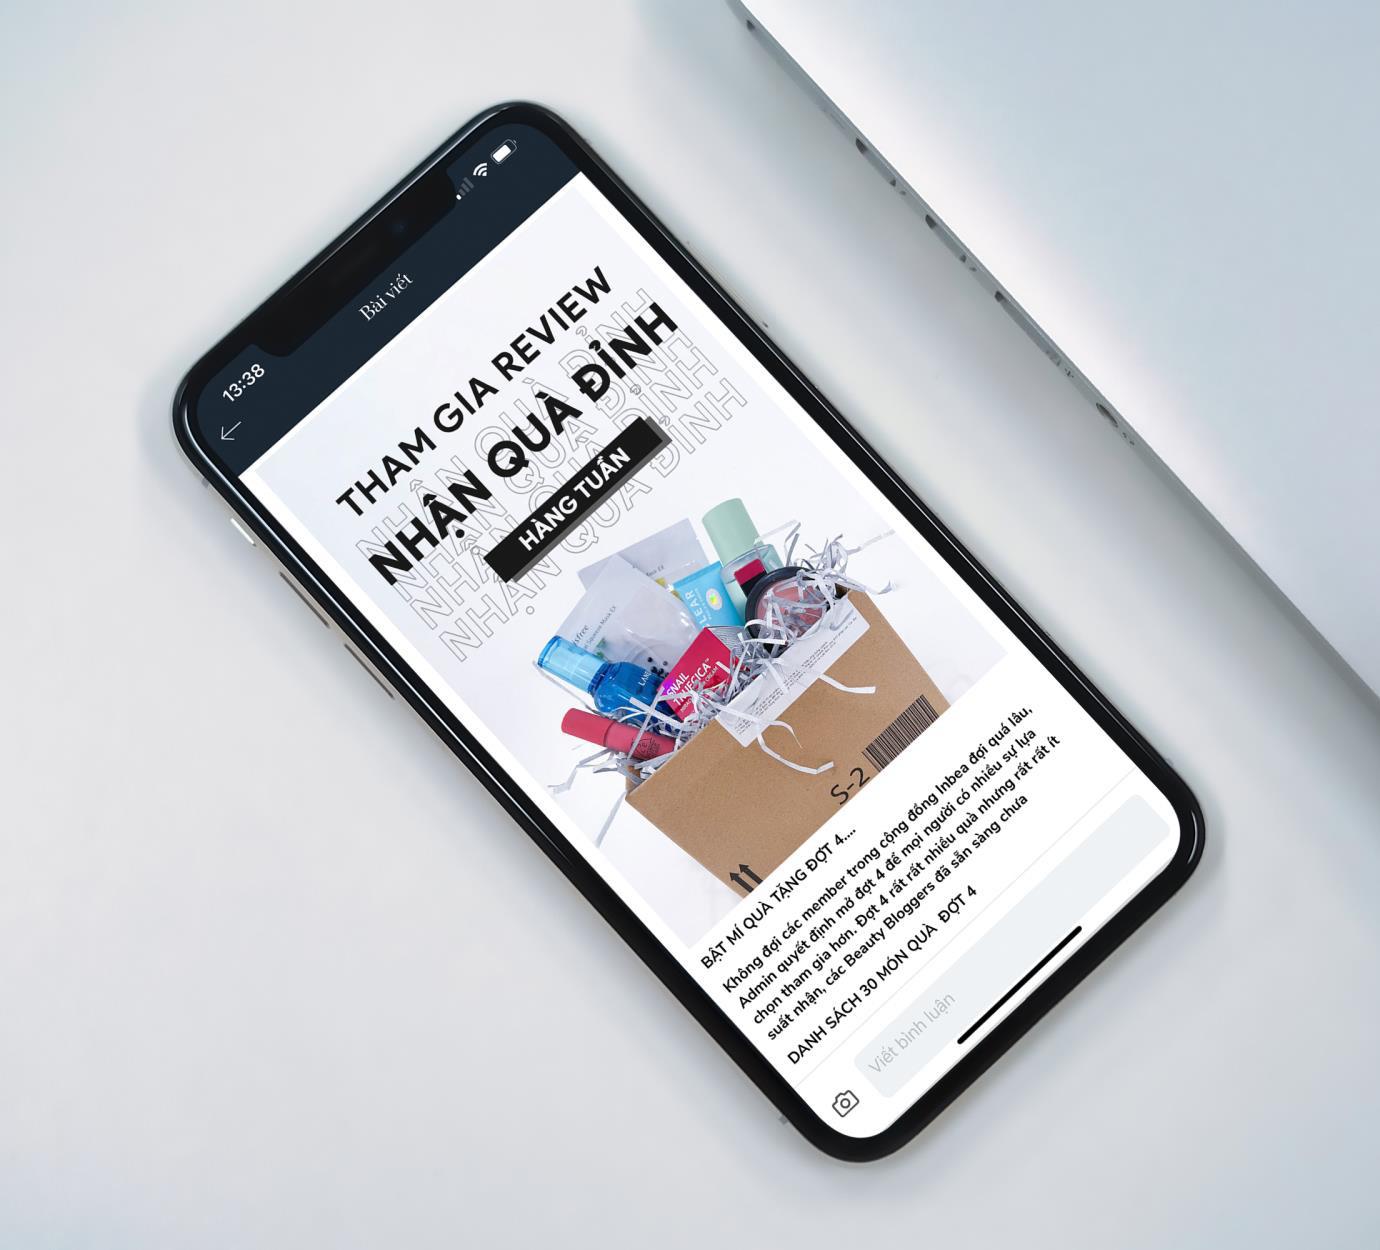 Ra mắt ứng dụng mua sắm thời trang Local Brand siêu tiện lợi - Ảnh 5.